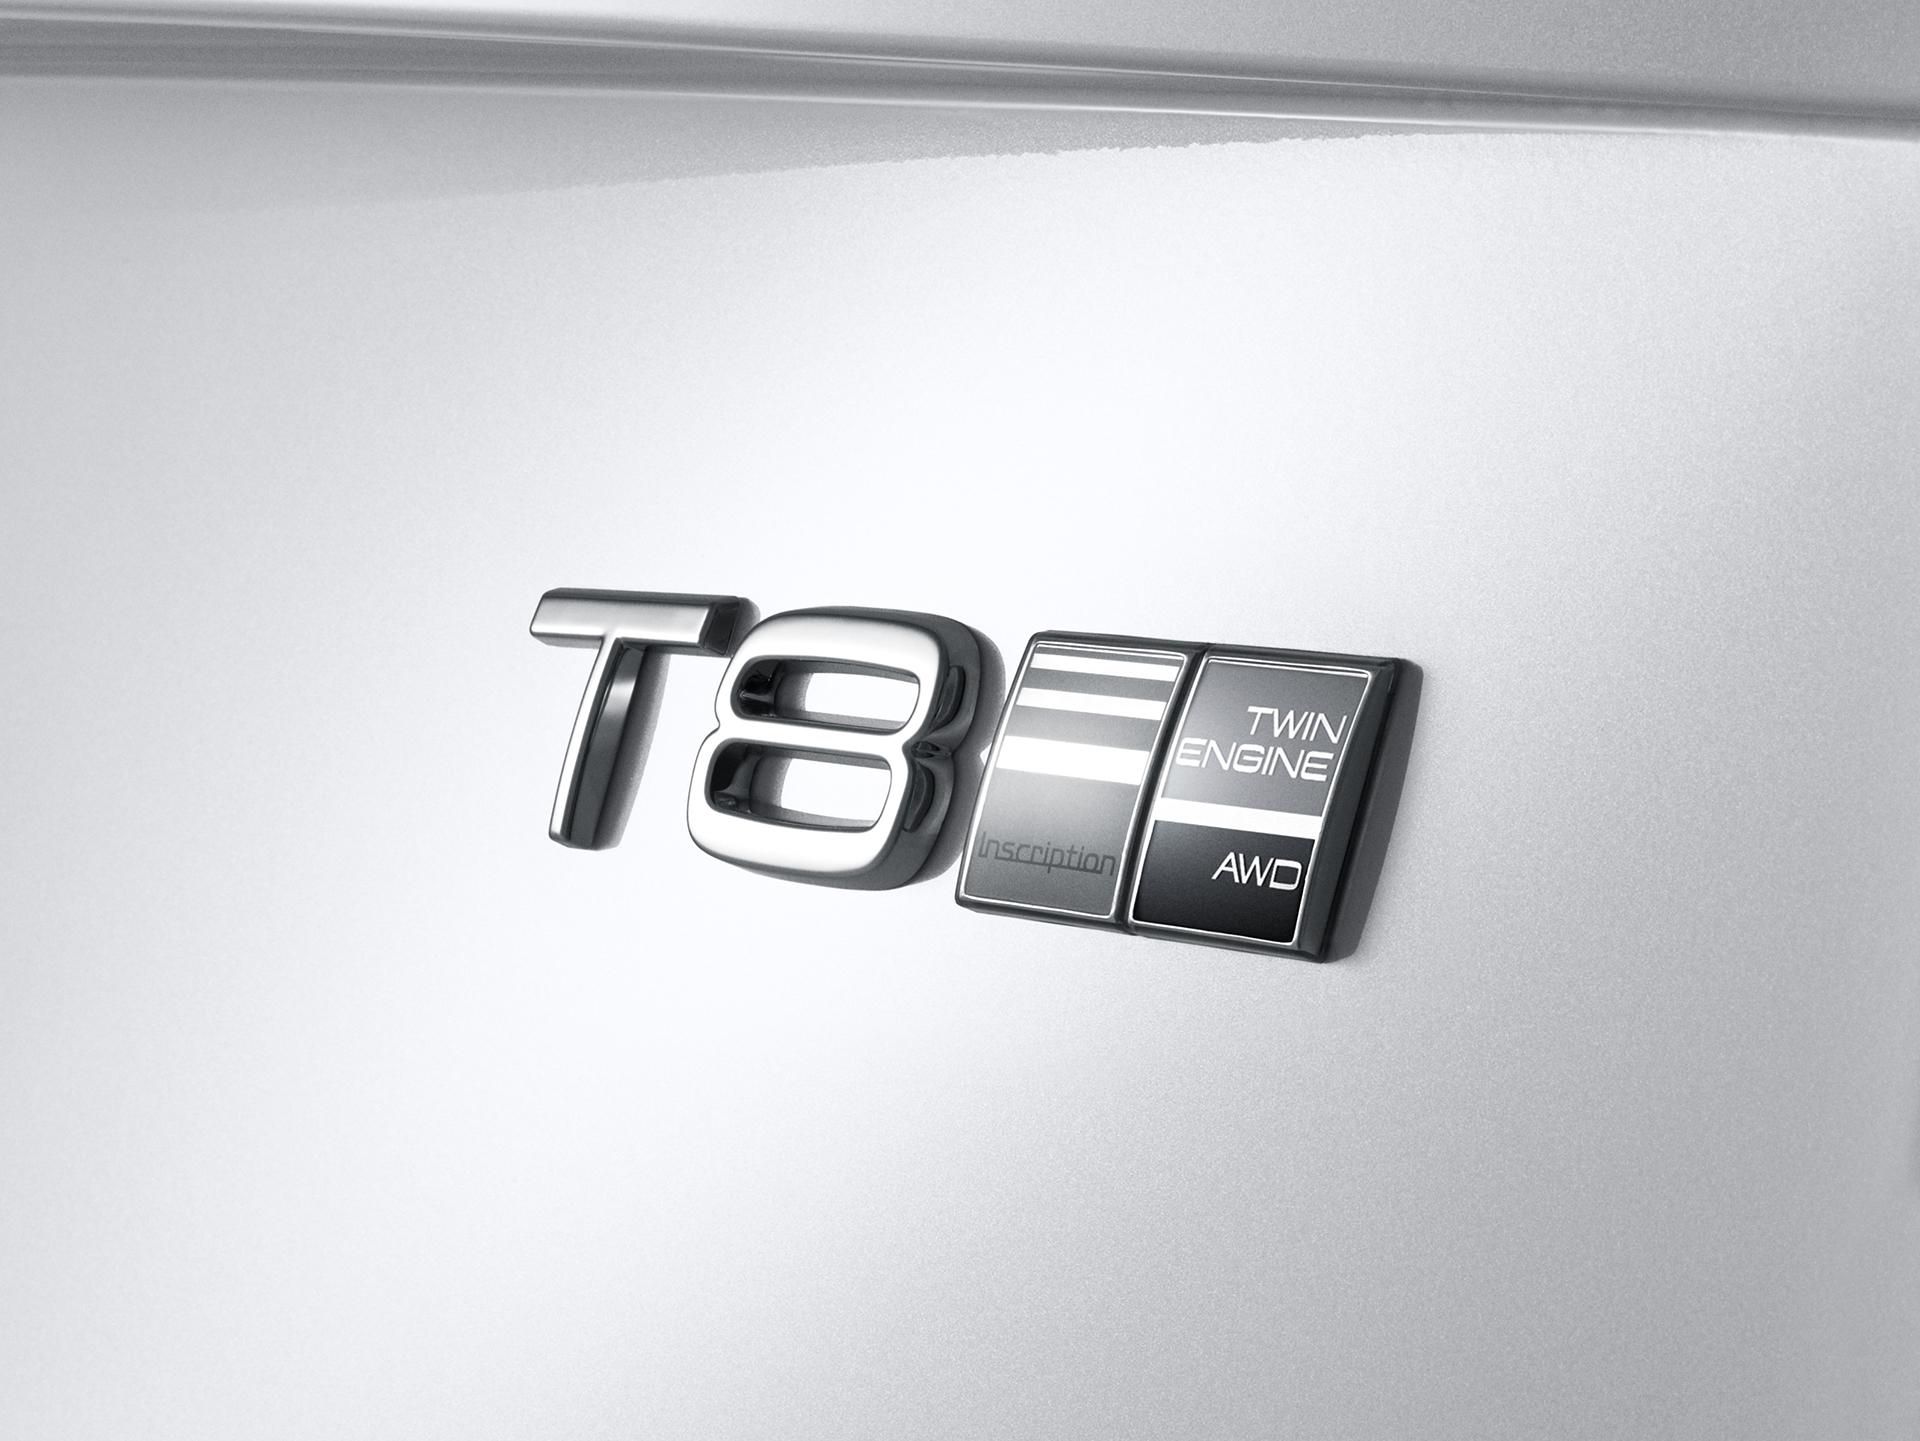 Volvo S90 - 2016 - T8 - emblem / emblème